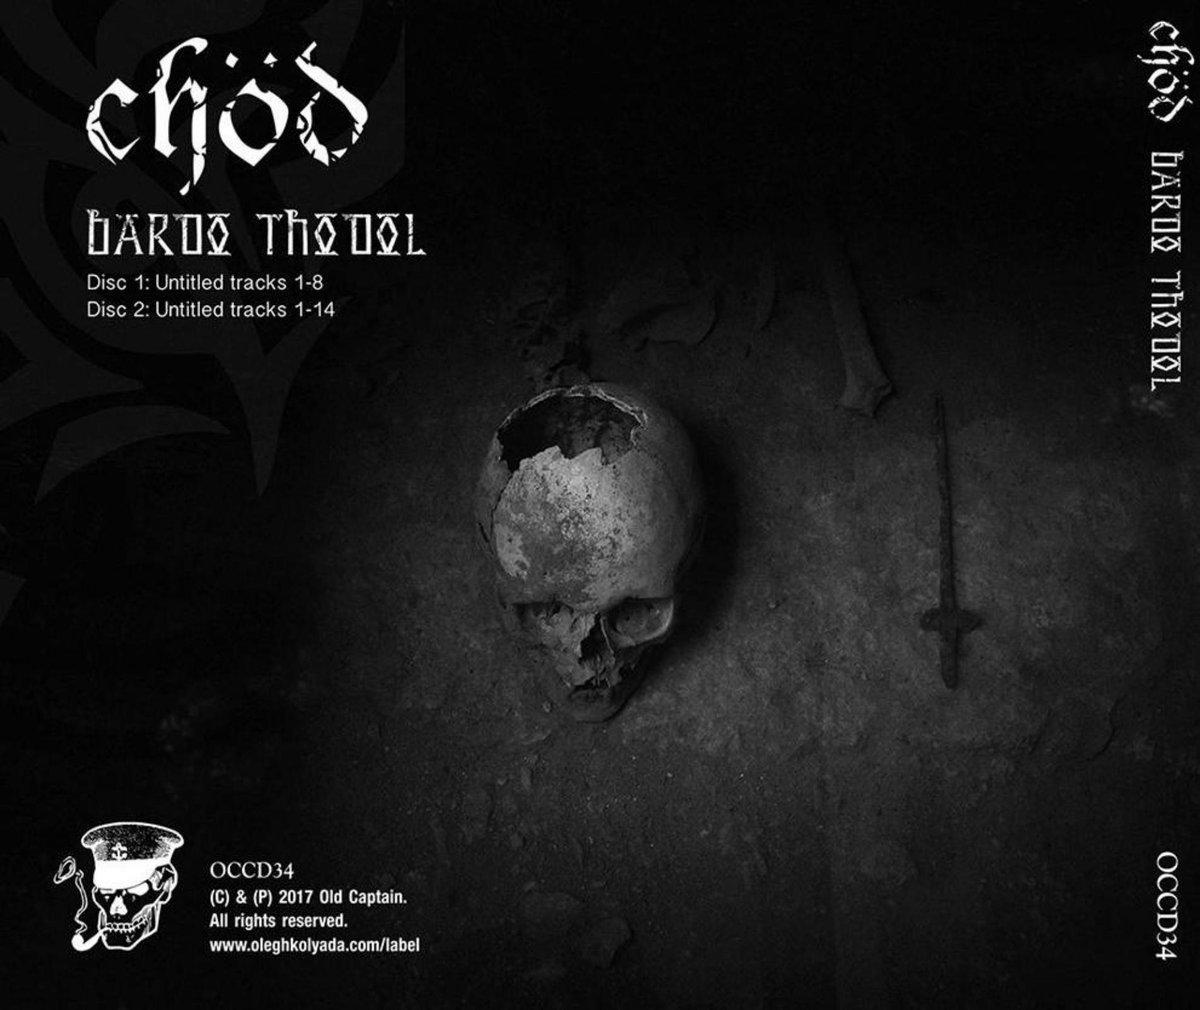 Chöd - Bardo Thodol 2CD - 画像2